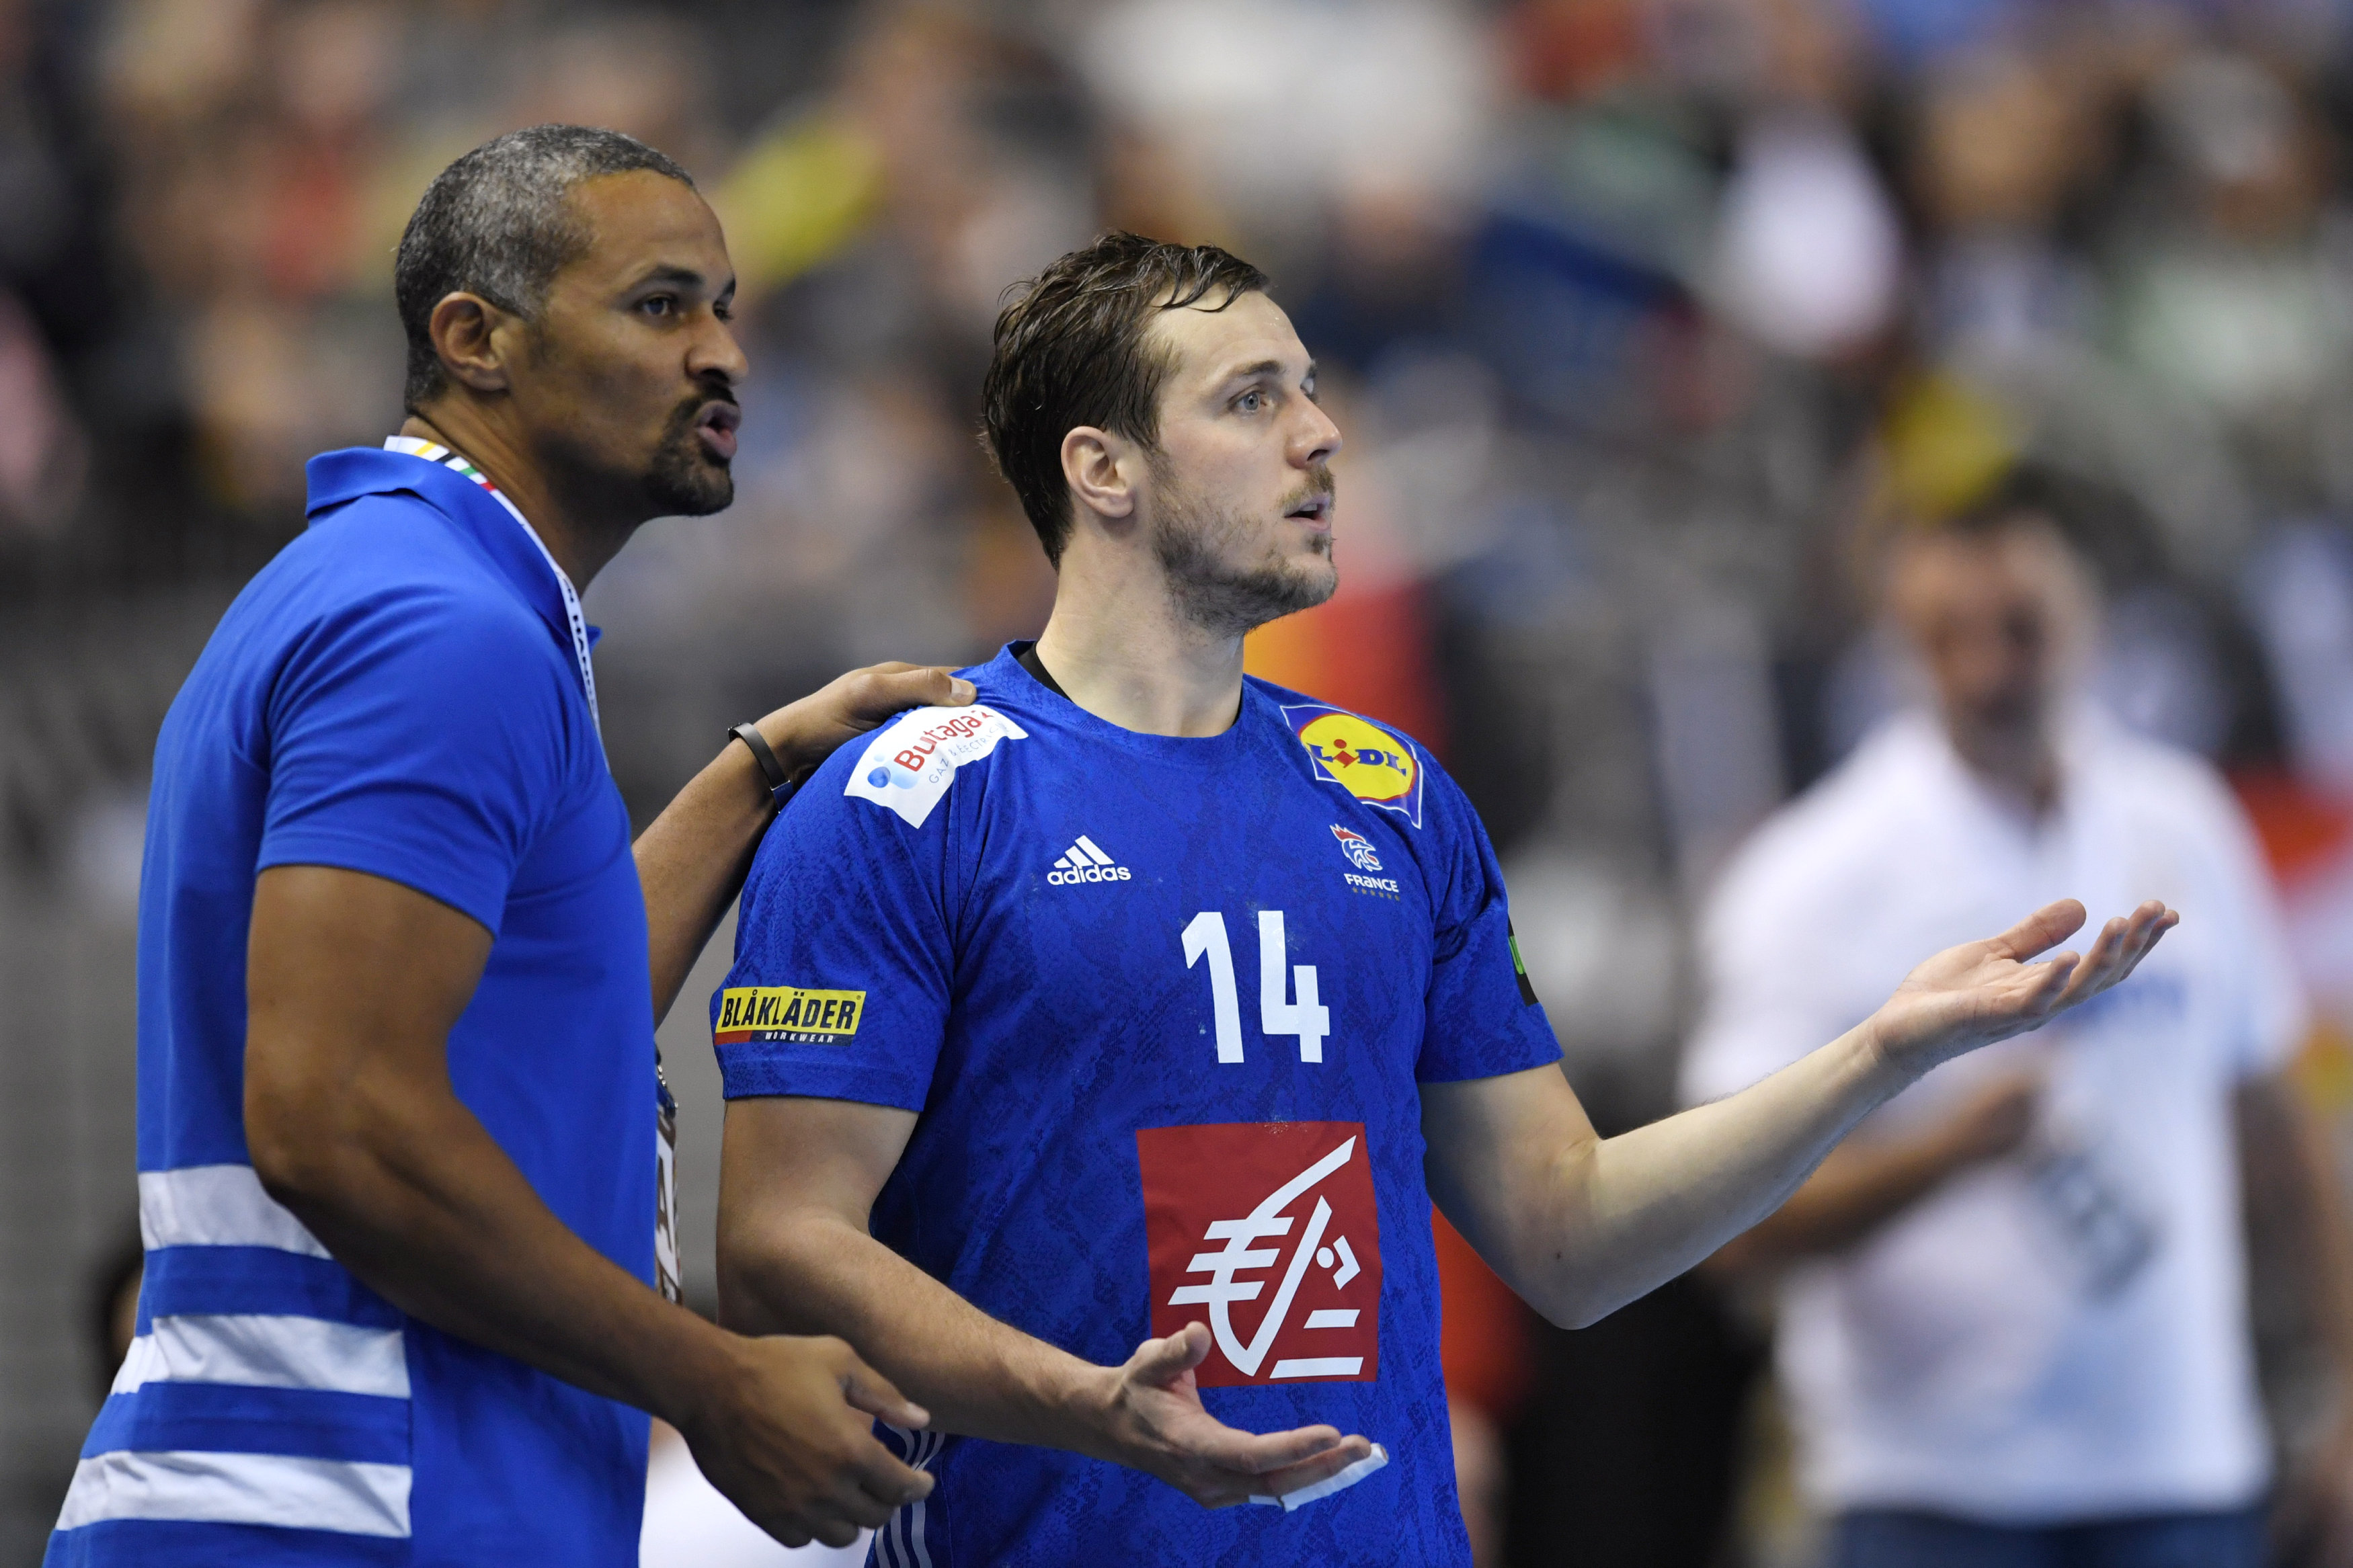 Handball - Equipe de France - Mondial 2019: Les Bleus face à la Corée en pensant, un peu, à l'Allemagne